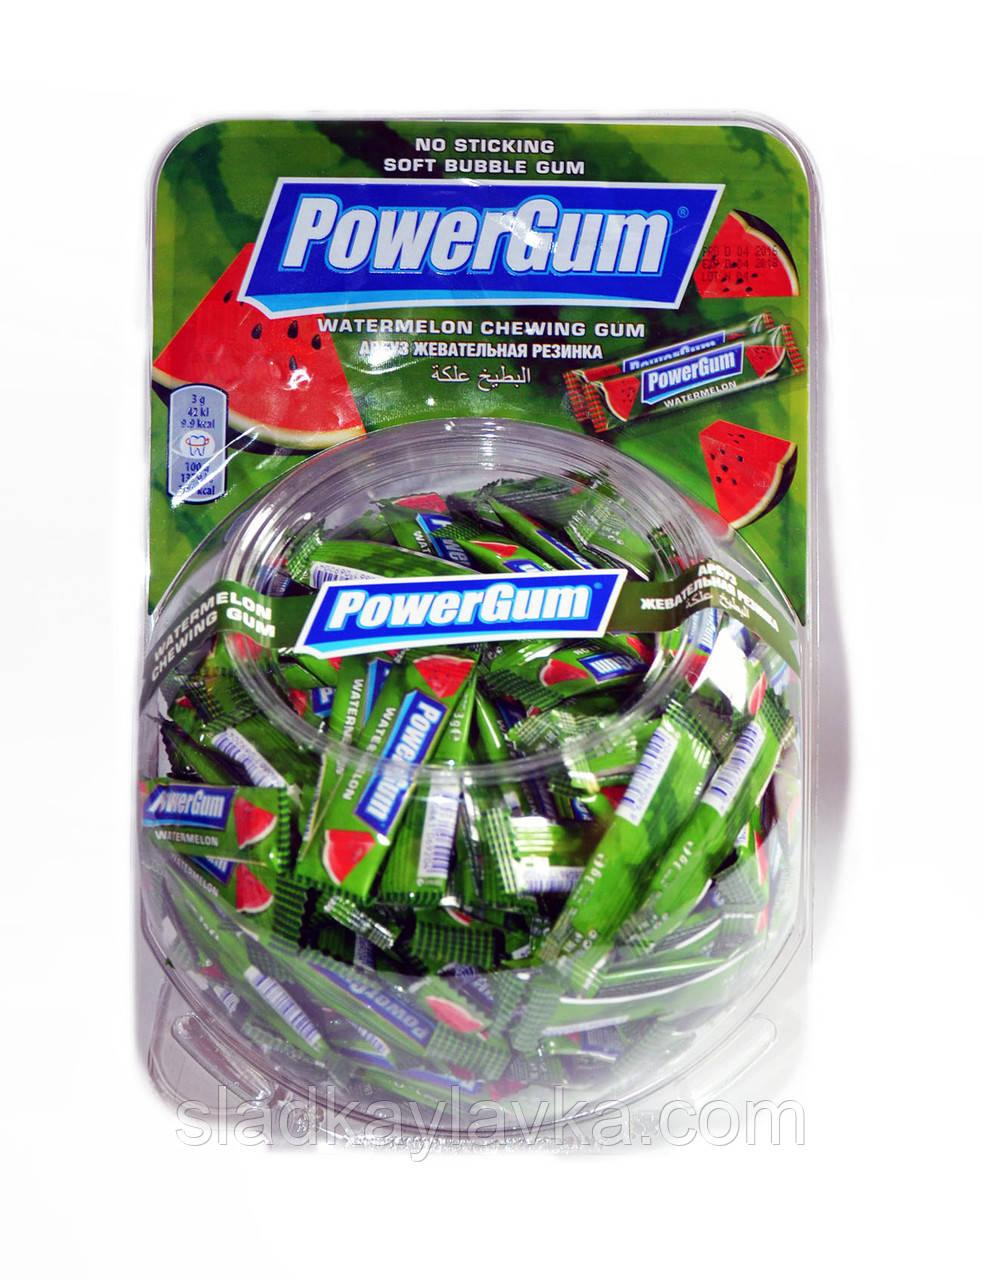 Жевательная резинка Power Gum 300 шт (ProGum Turkey)